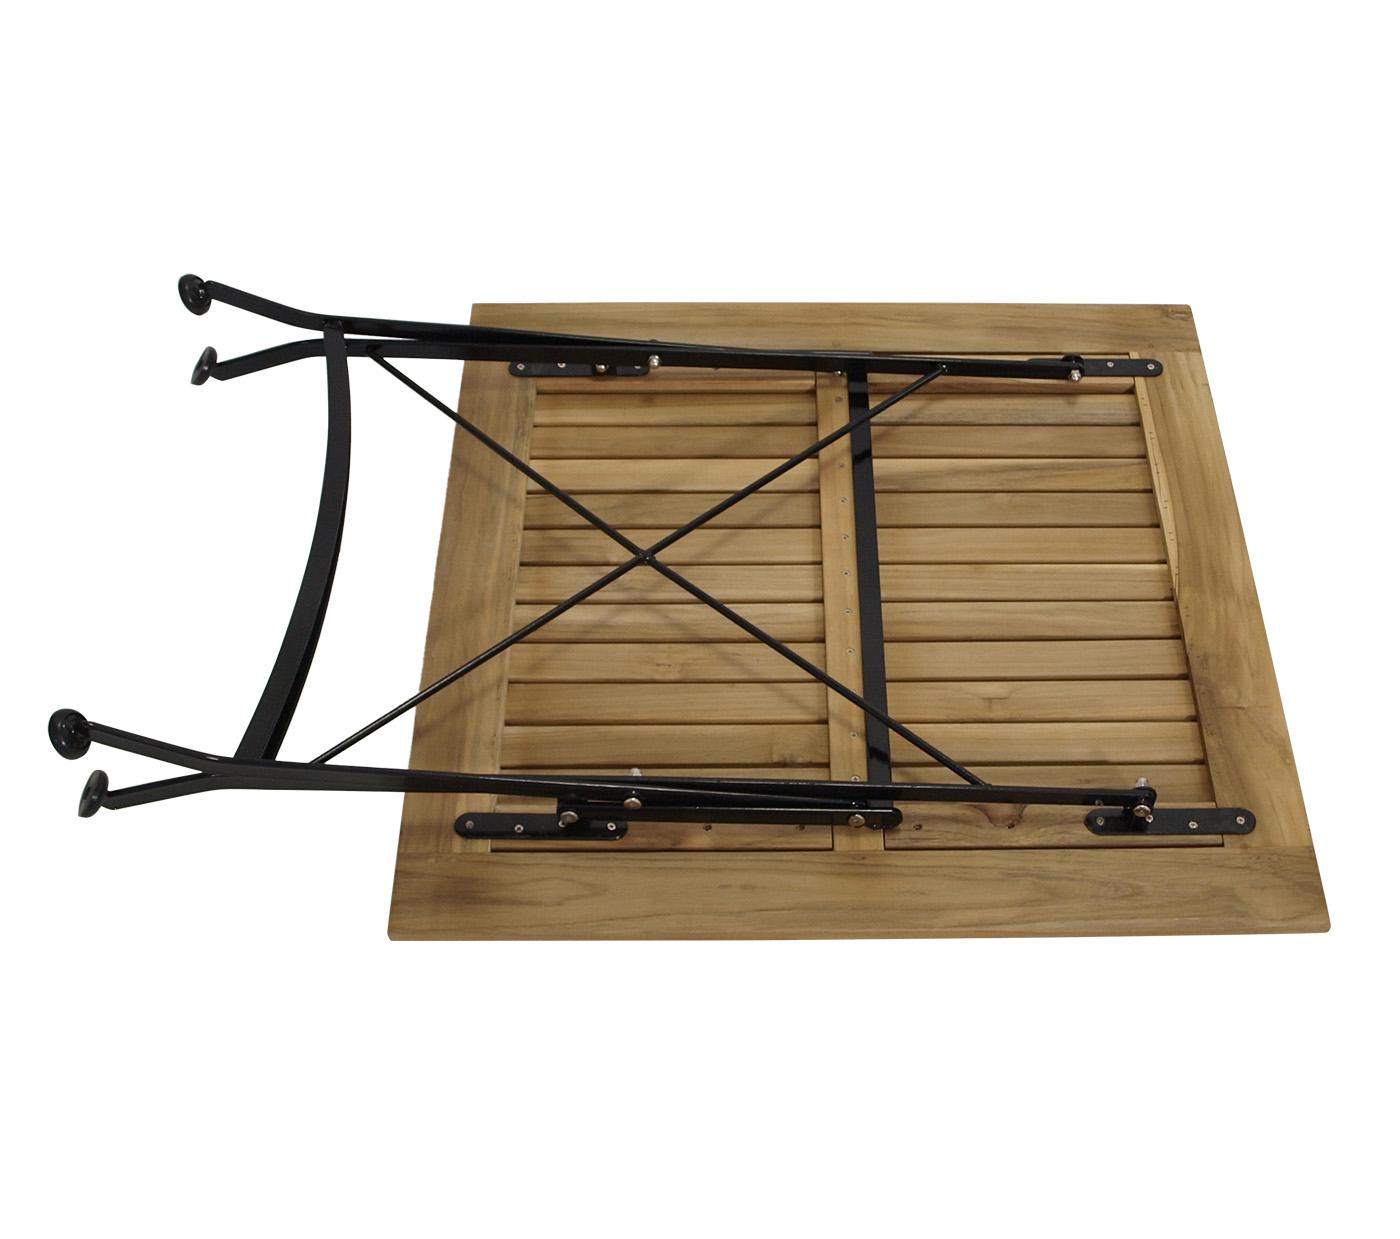 Klapptisch JAKARTA 75x75cm, Flachstahl schwarz + Teakholz, FSC®-zertifiziert